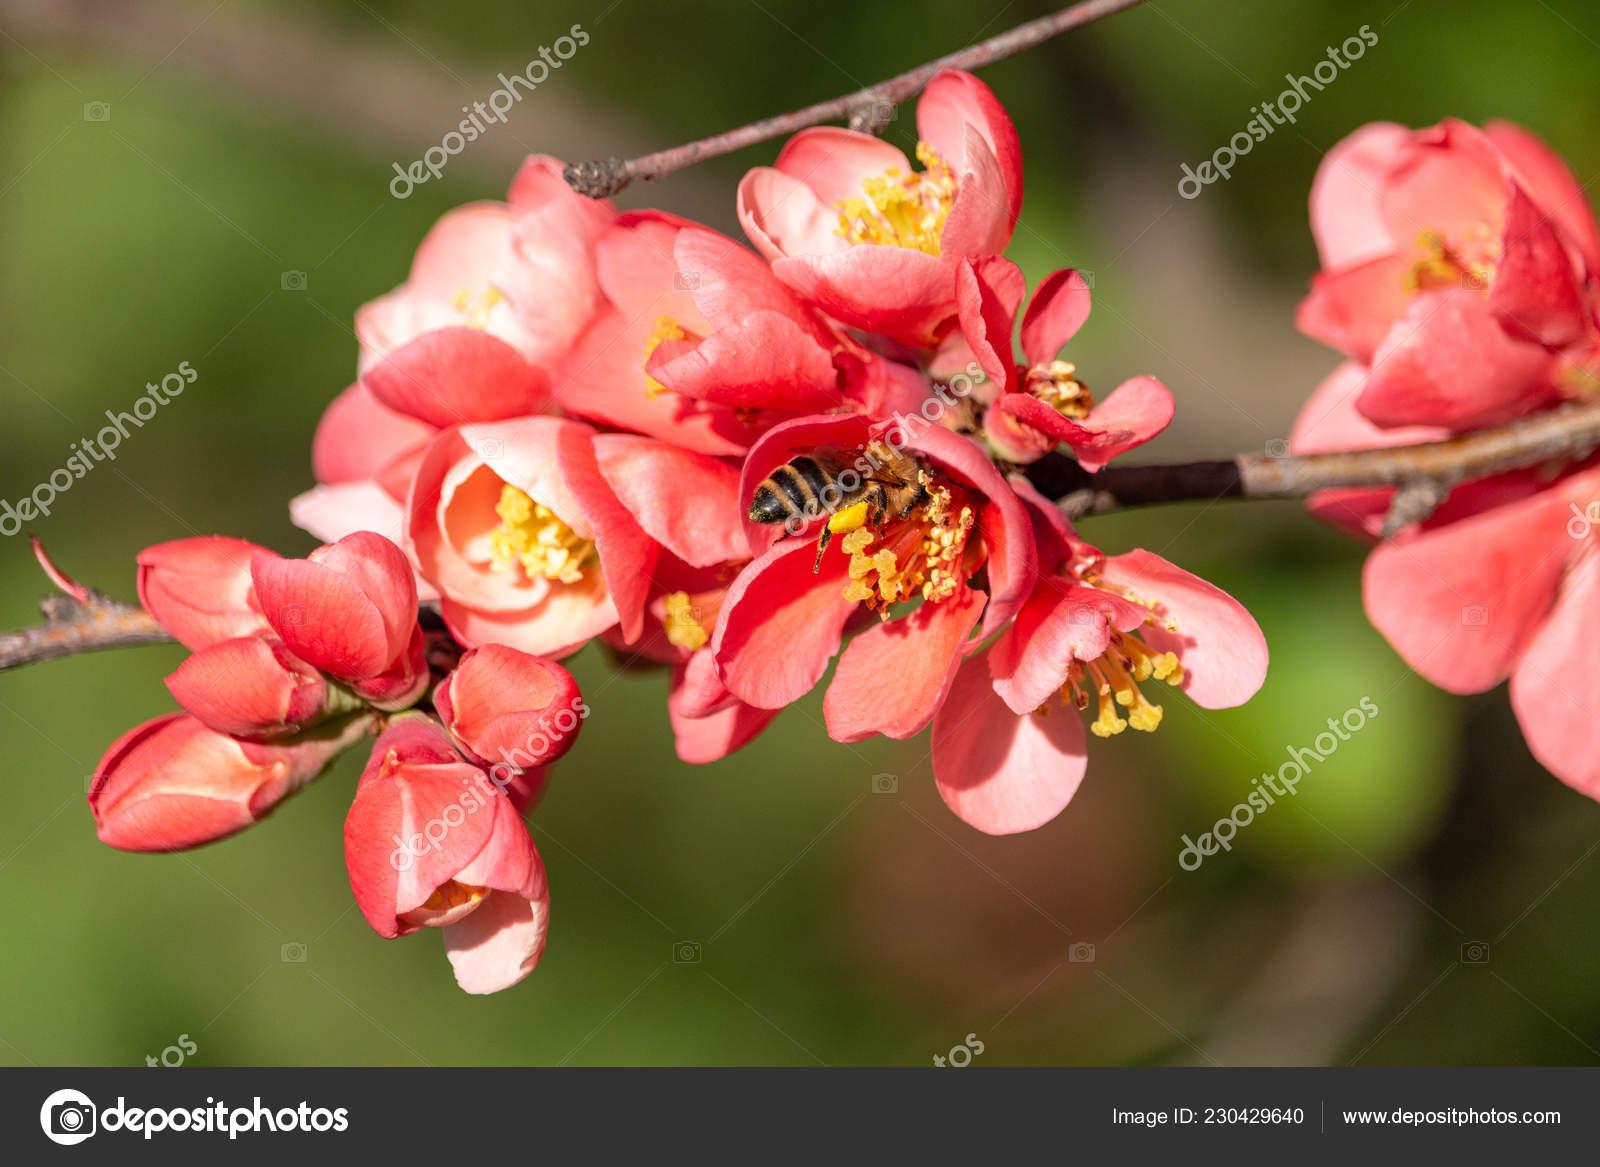 çiçek Açan Japonca Ayva Yeşil Zemin üzerine Kırmızı çiçekler Ayva